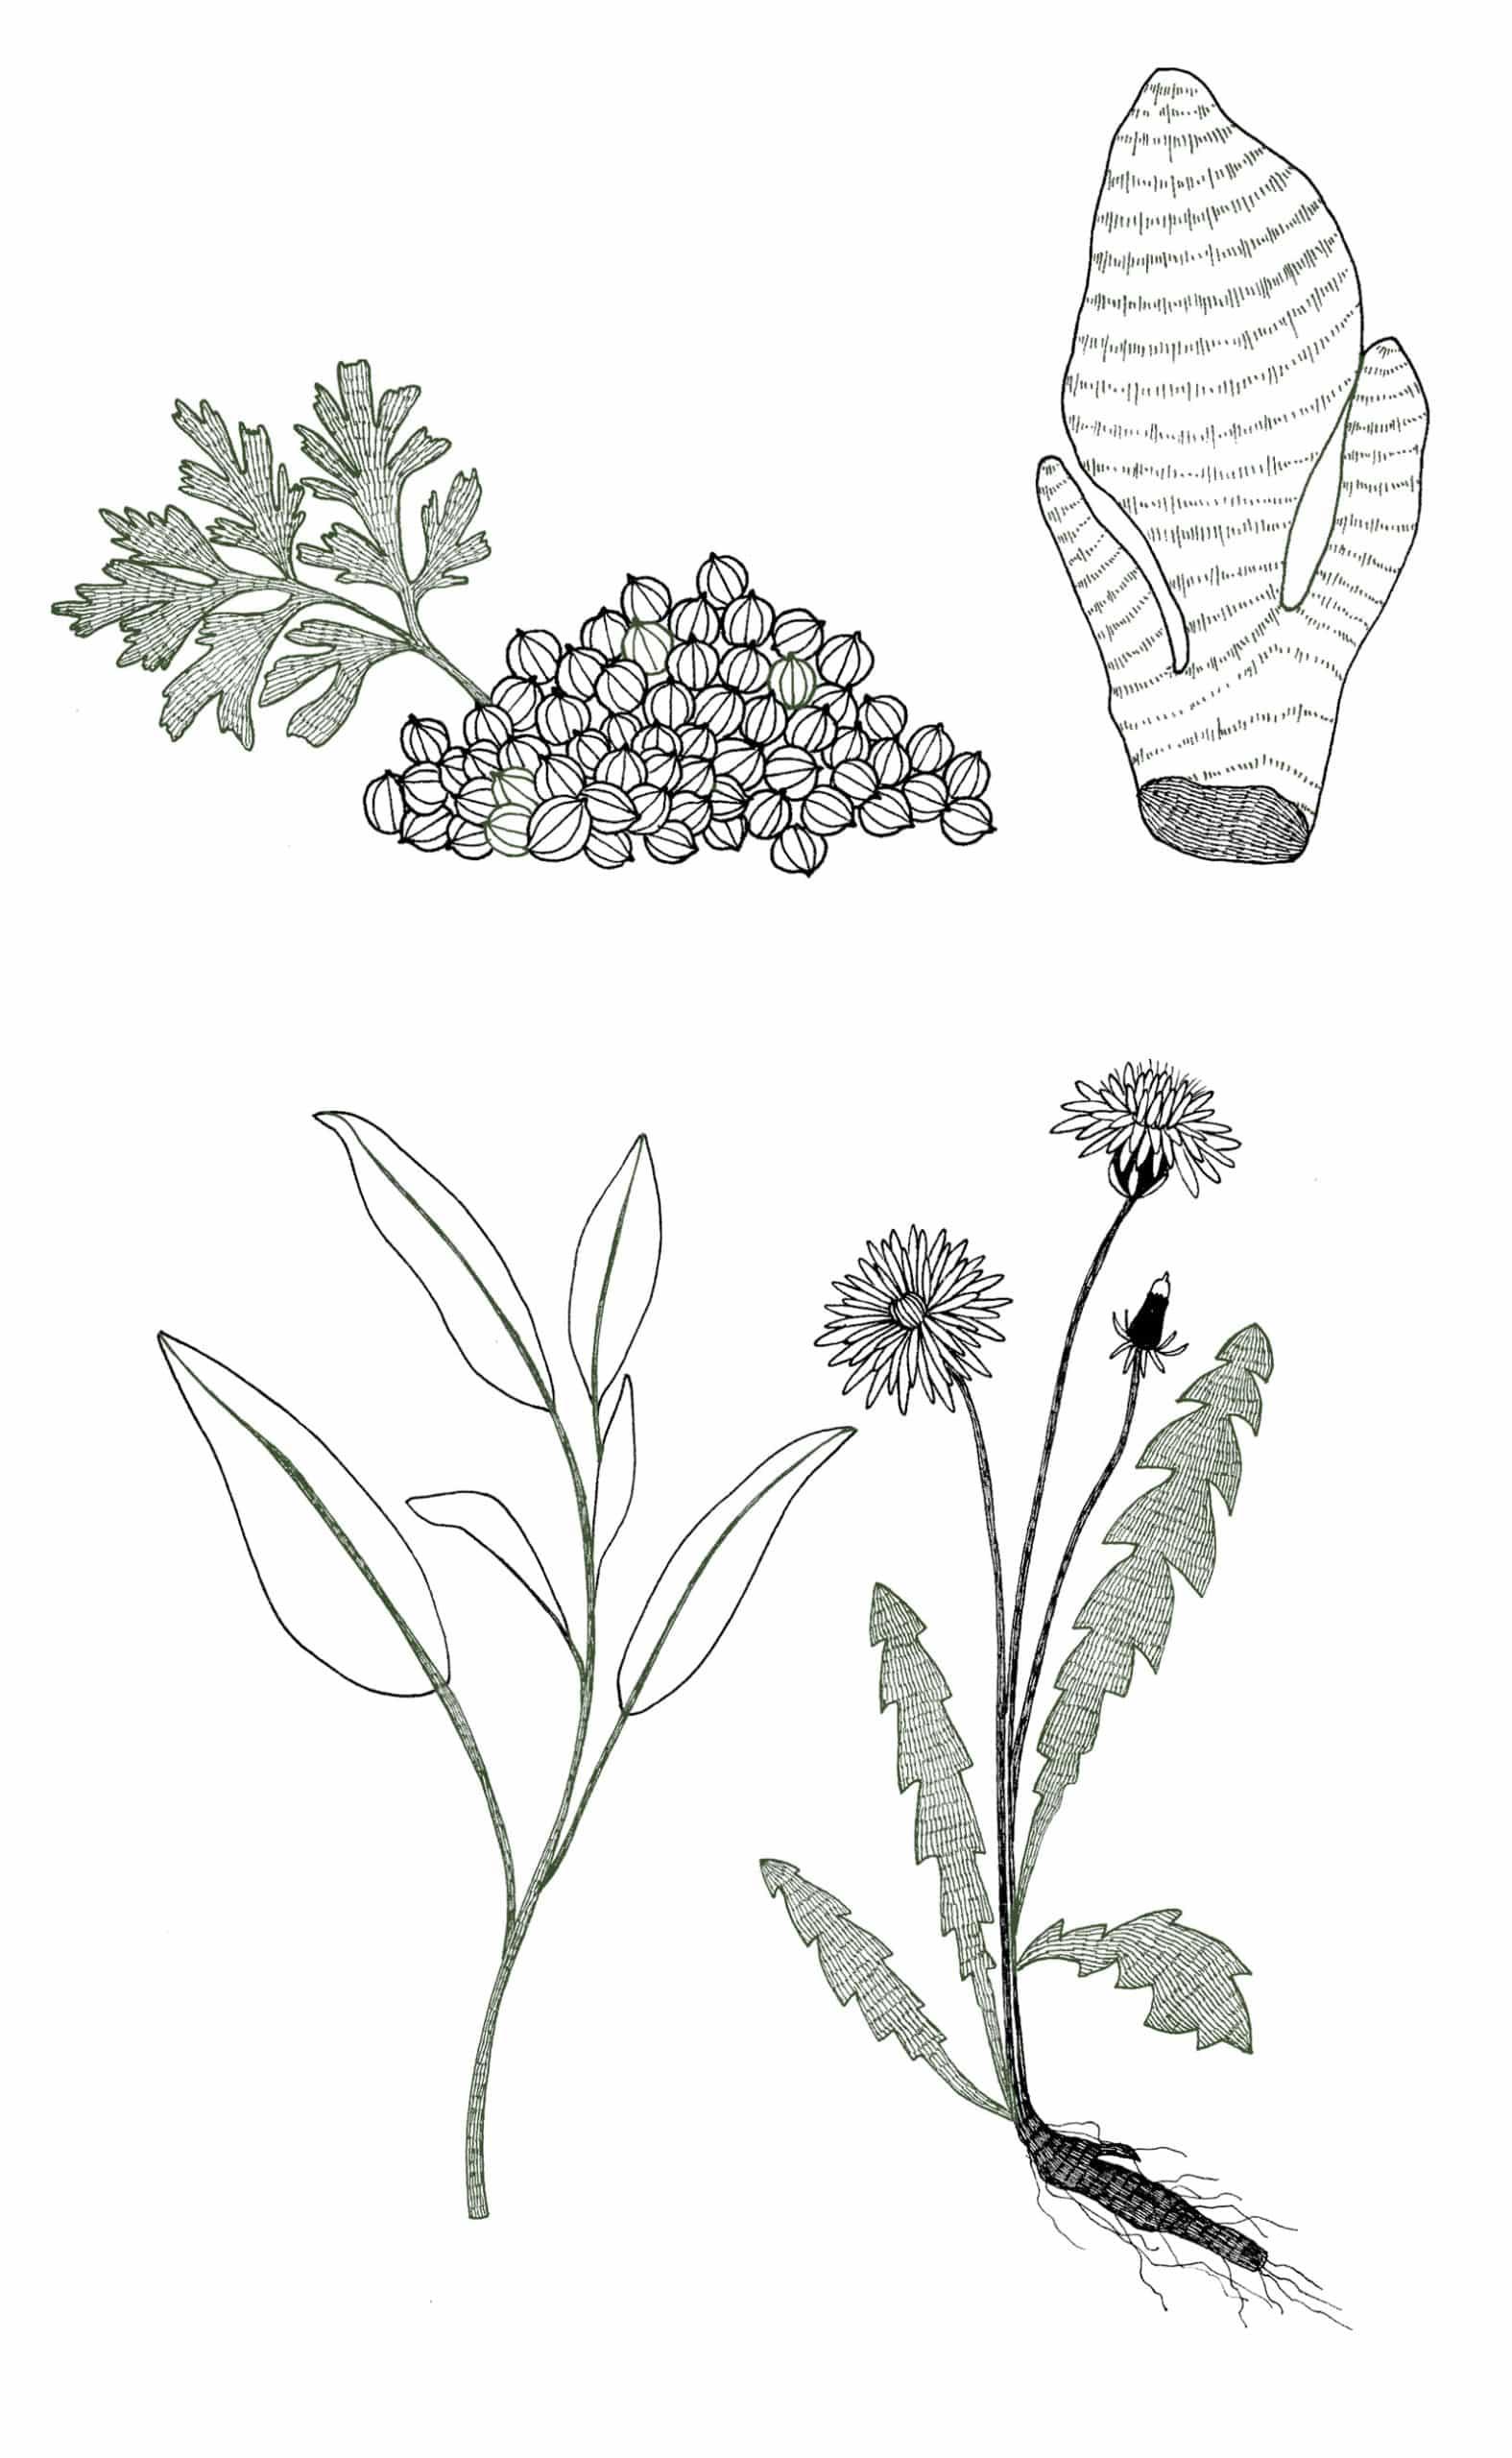 Illustrations des plantes (Gingembre, Coriandre, Sauge, Pissenlit) contenues dans le complément alimentaire sommeil. Version Mobile.